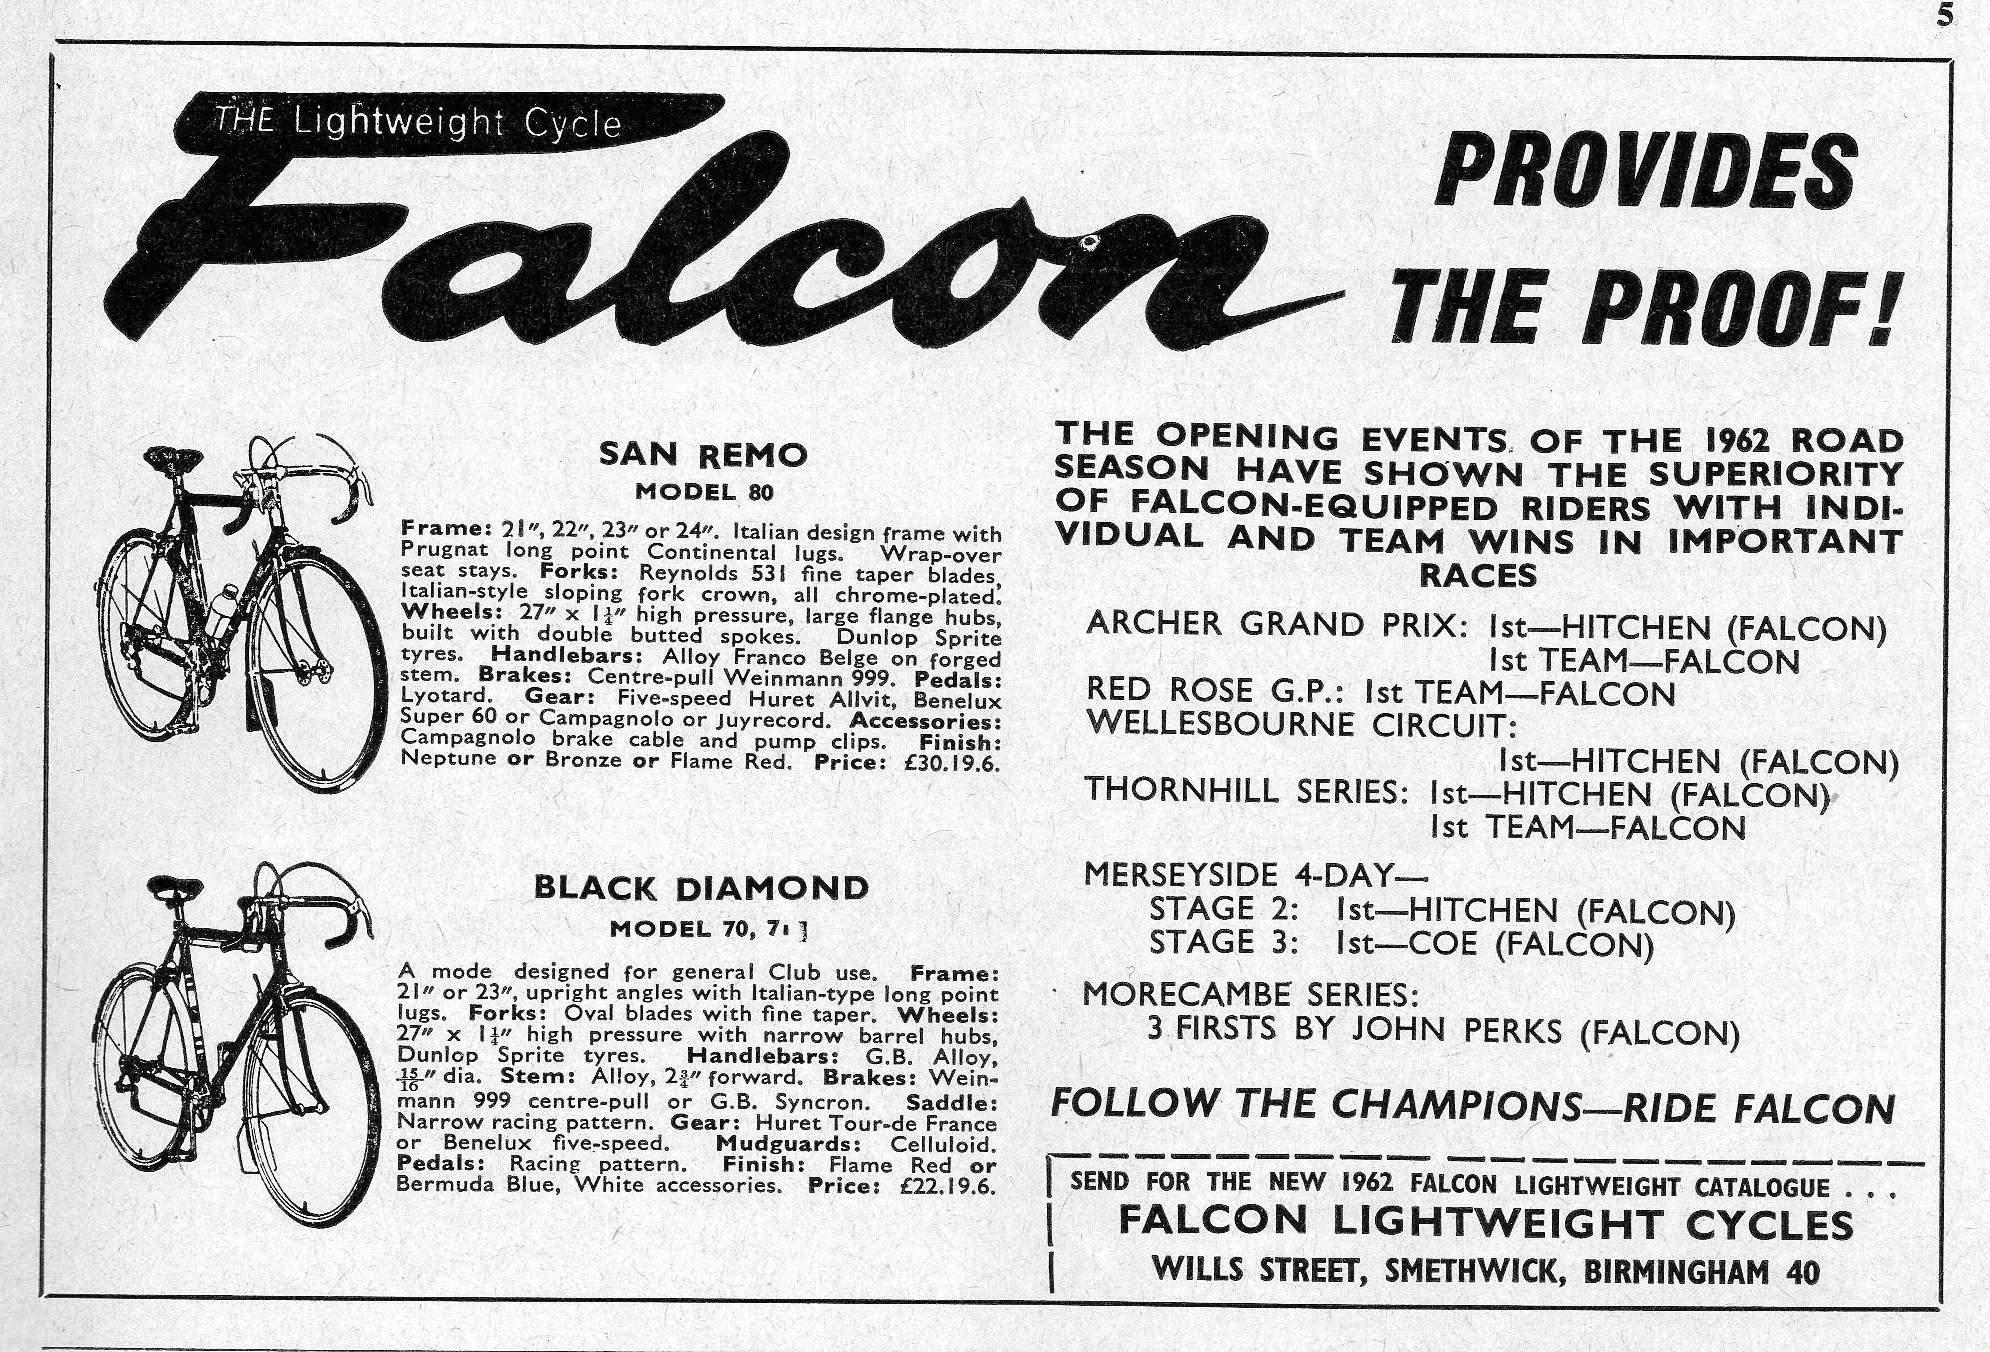 Falcon San Remo Equipe